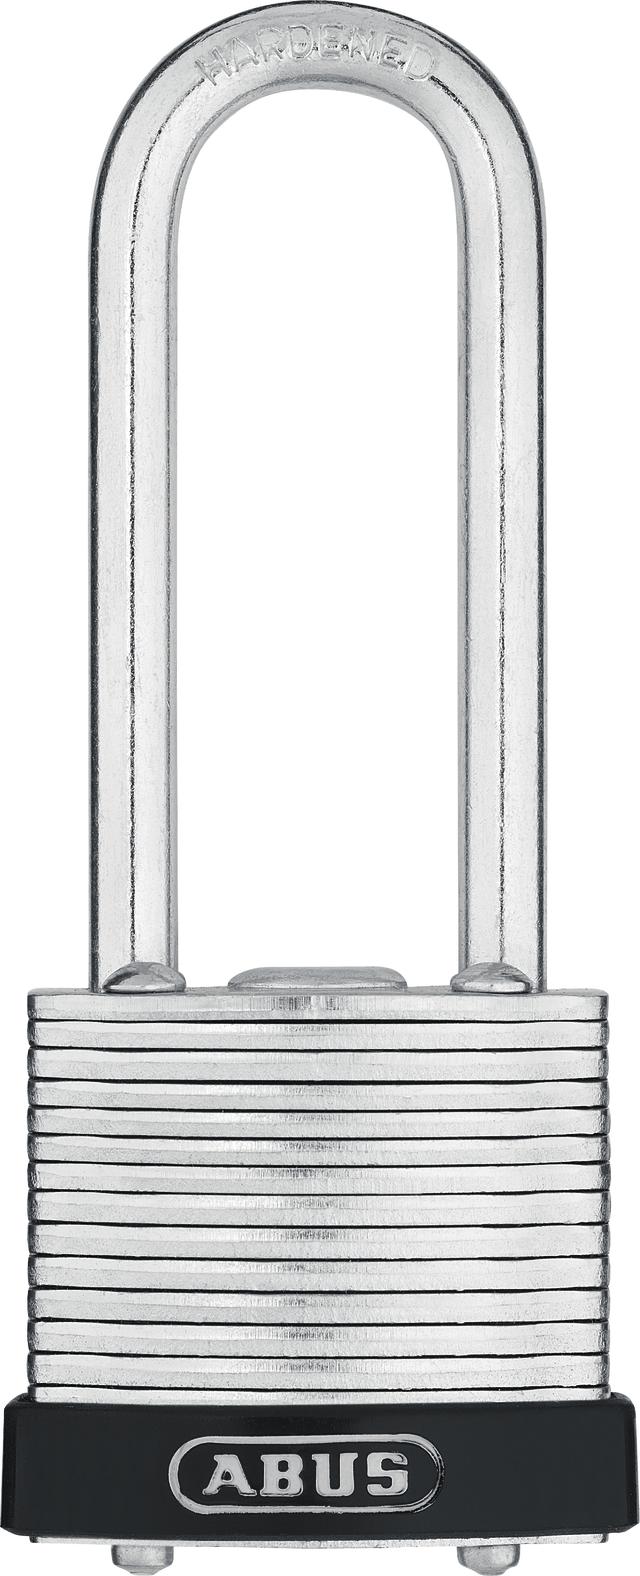 Laminated Steel 41/30HB50